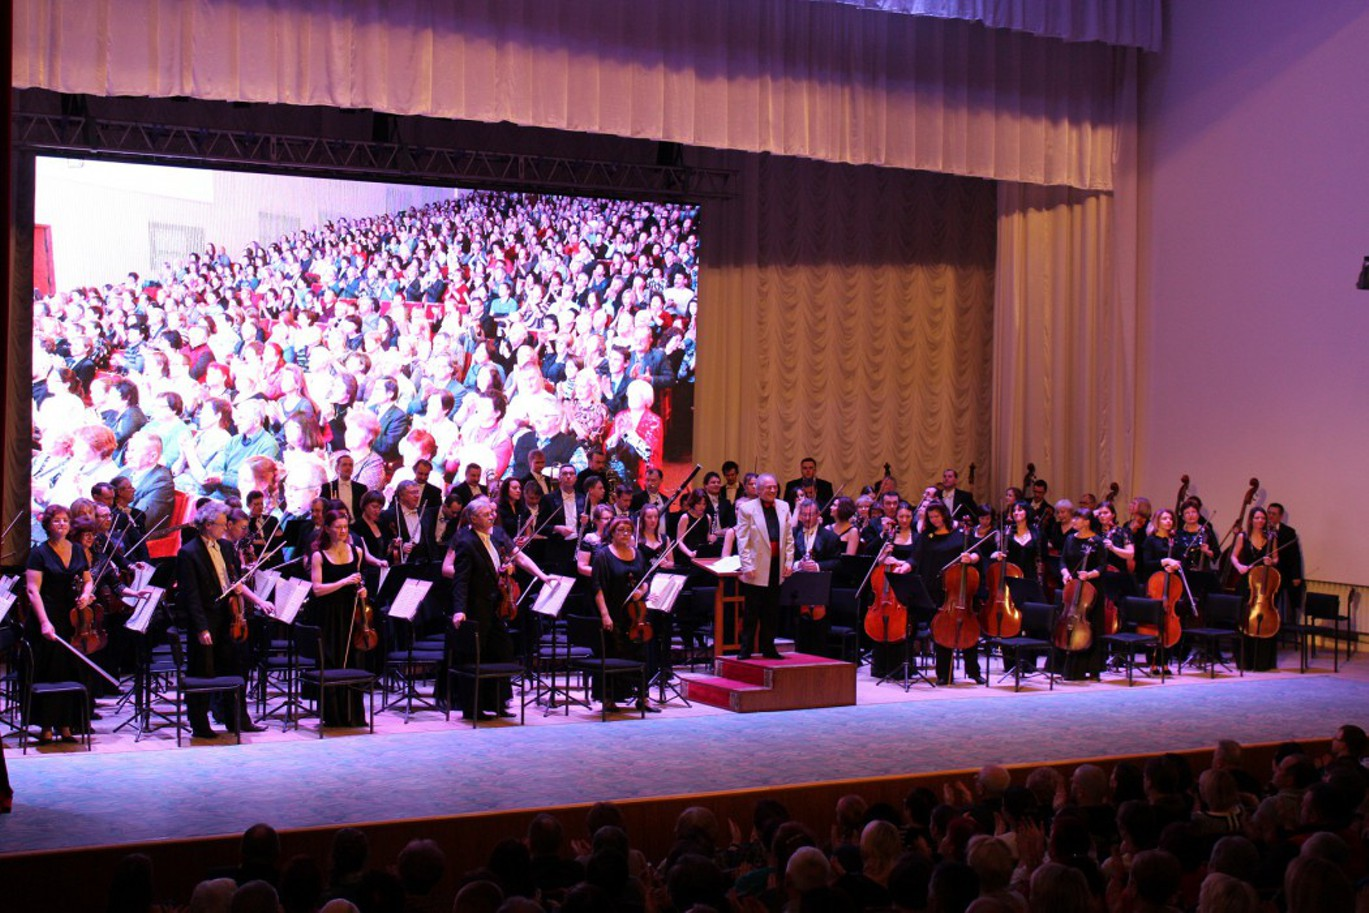 Виртуальный концертный зал откроется 20декабря вНижегородской филармонии